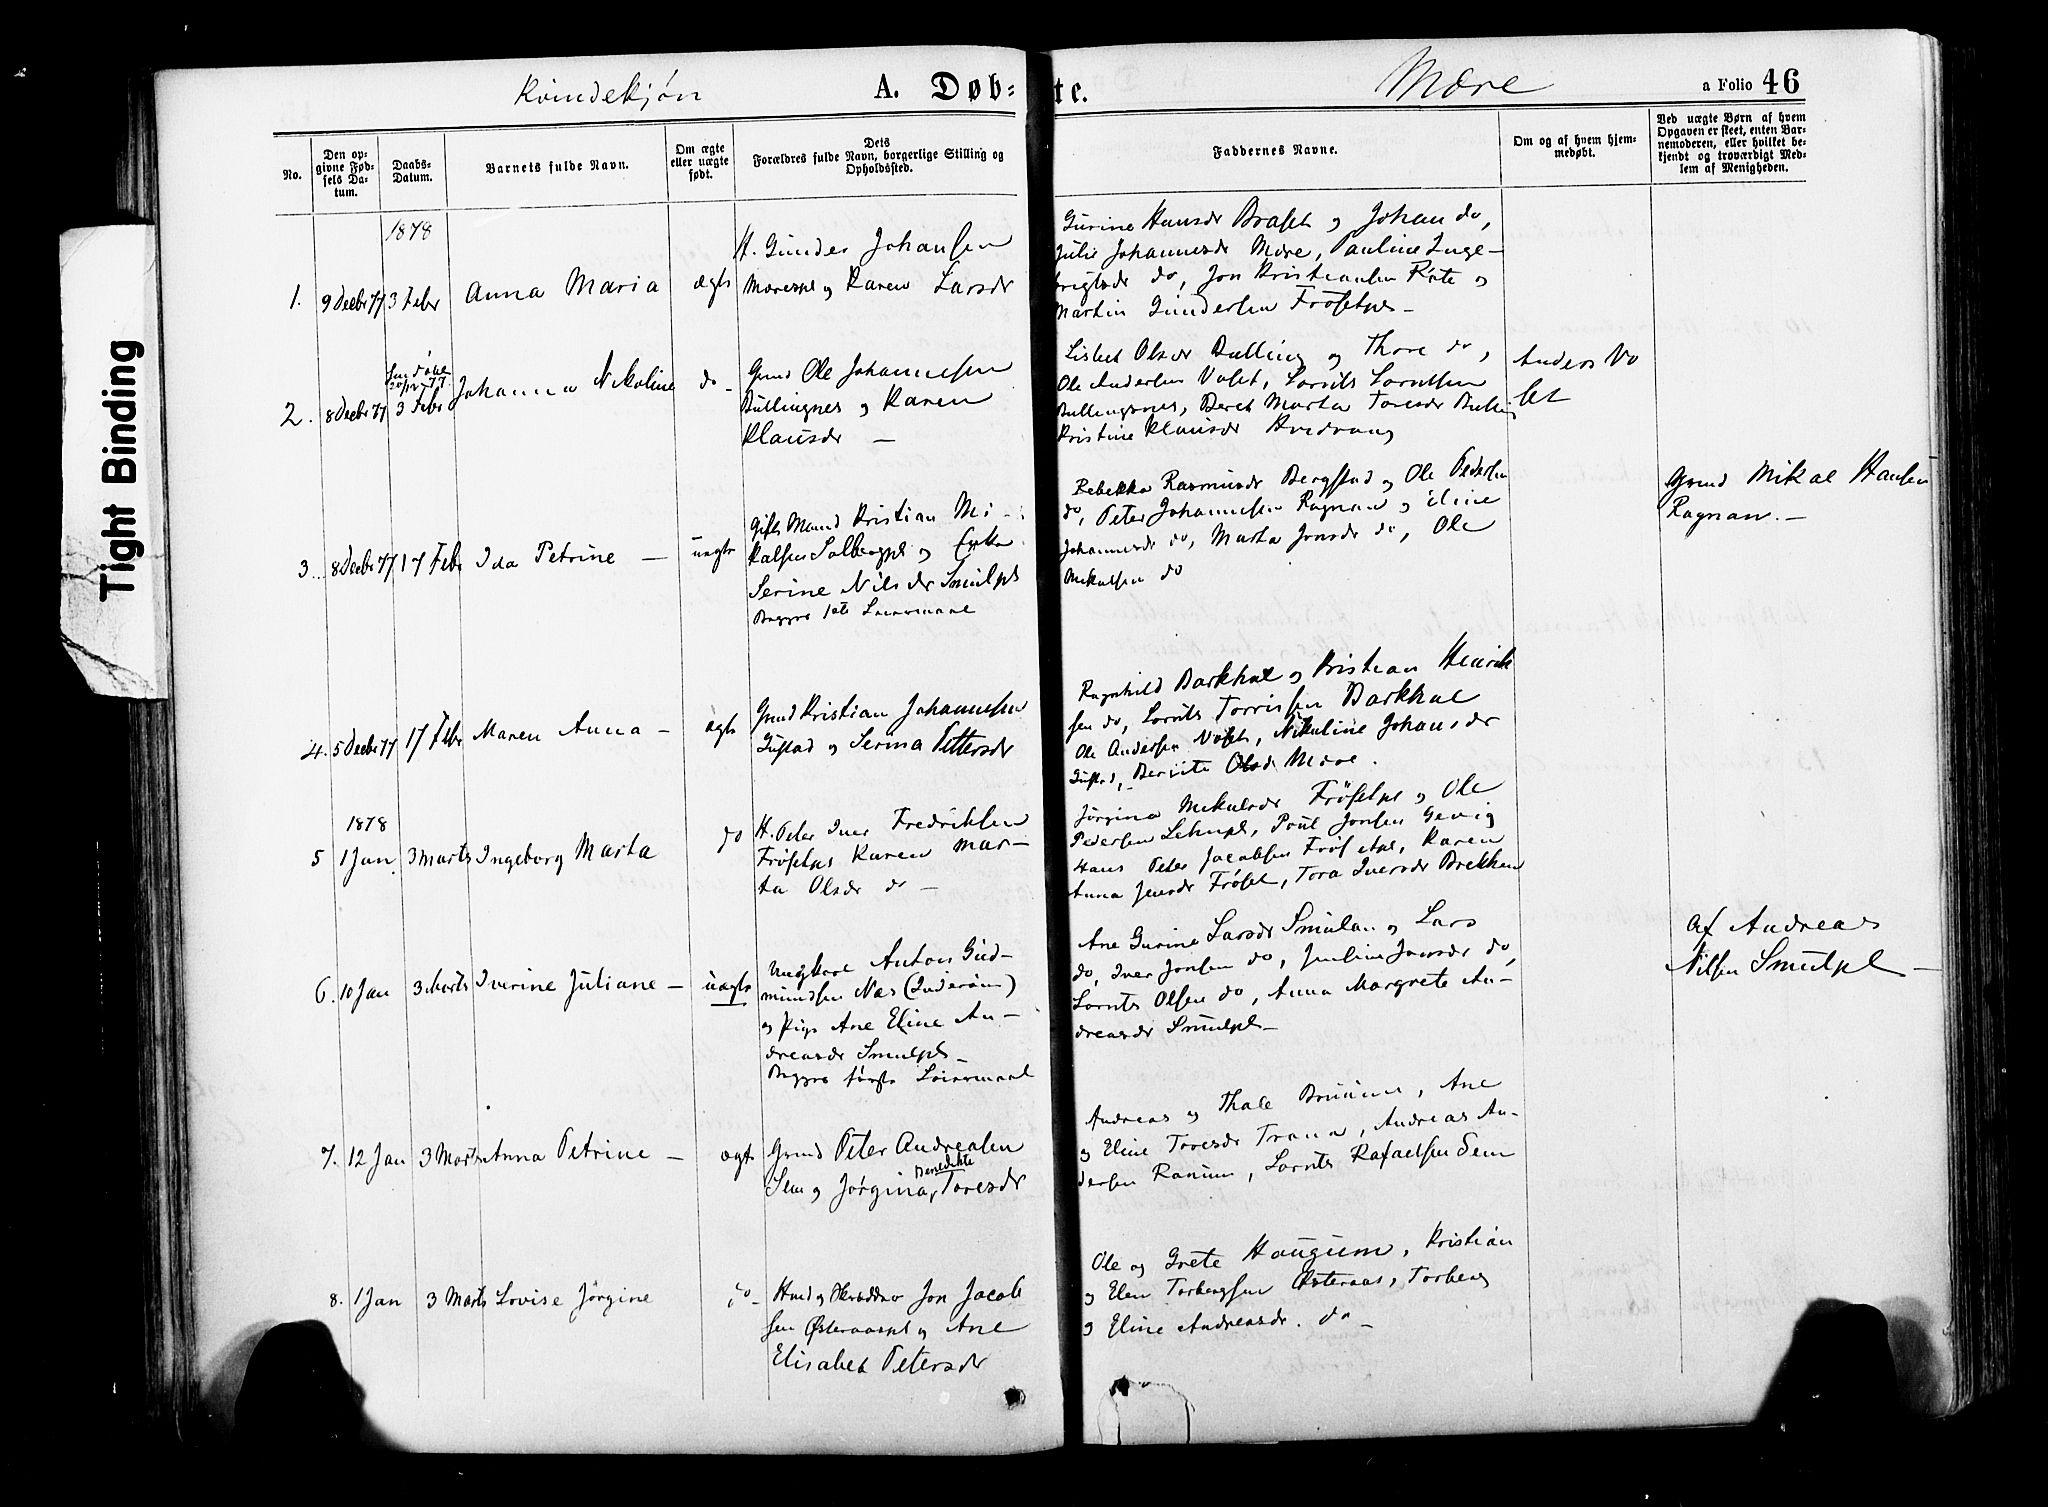 SAT, Ministerialprotokoller, klokkerbøker og fødselsregistre - Nord-Trøndelag, 735/L0348: Ministerialbok nr. 735A09 /1, 1873-1883, s. 46